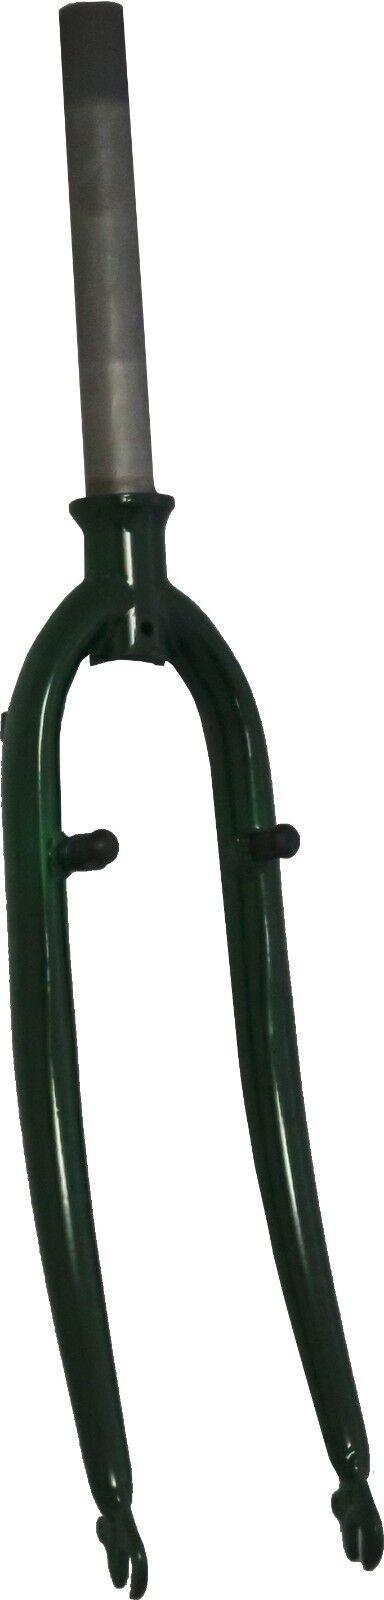 28 pouces fourche en acier green métallique avec schraubkrone   unicrown 1 1 8